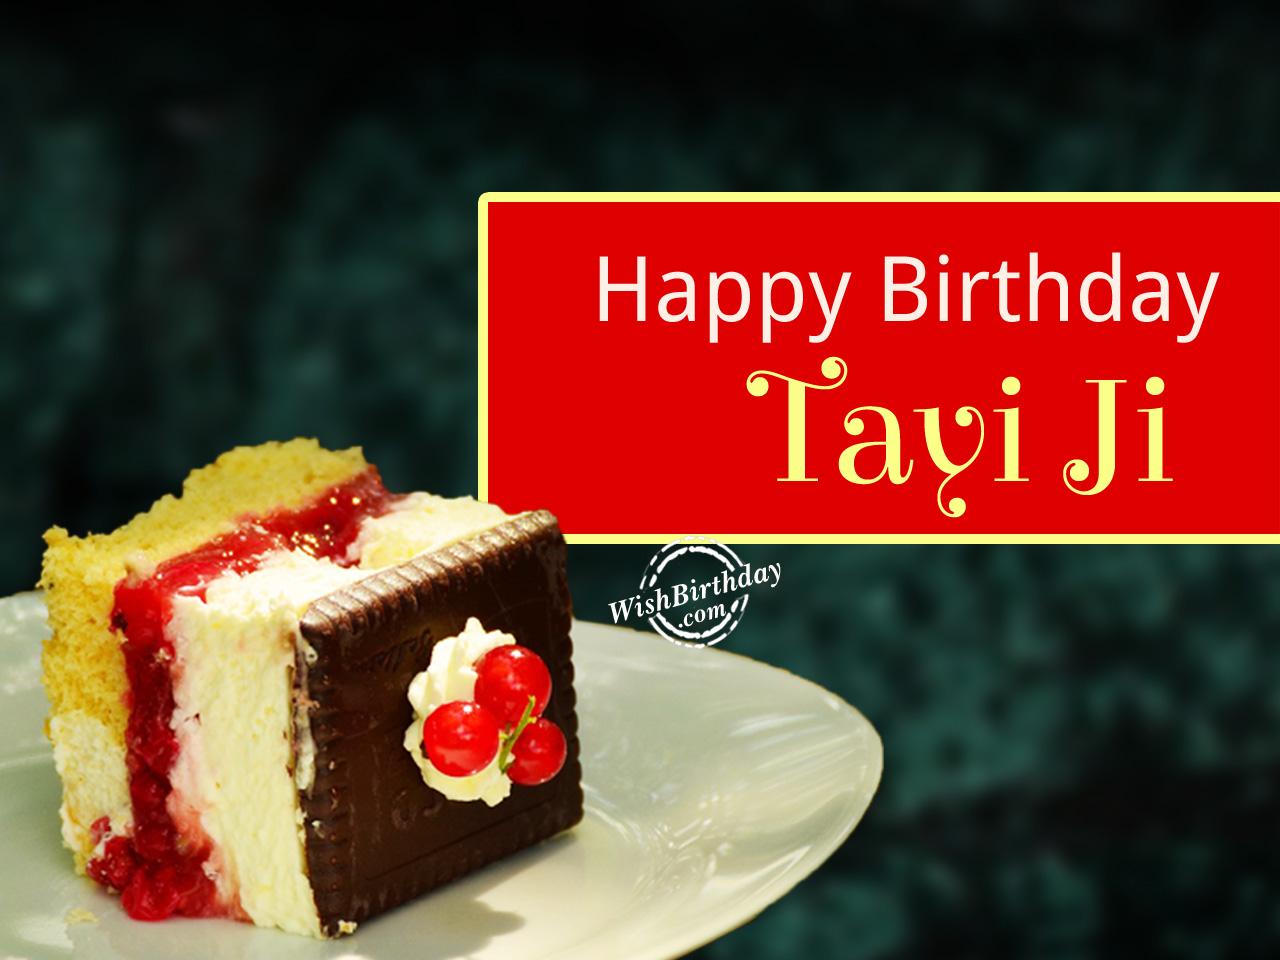 To The Best Tayi In WorldHappy Birthday Ji